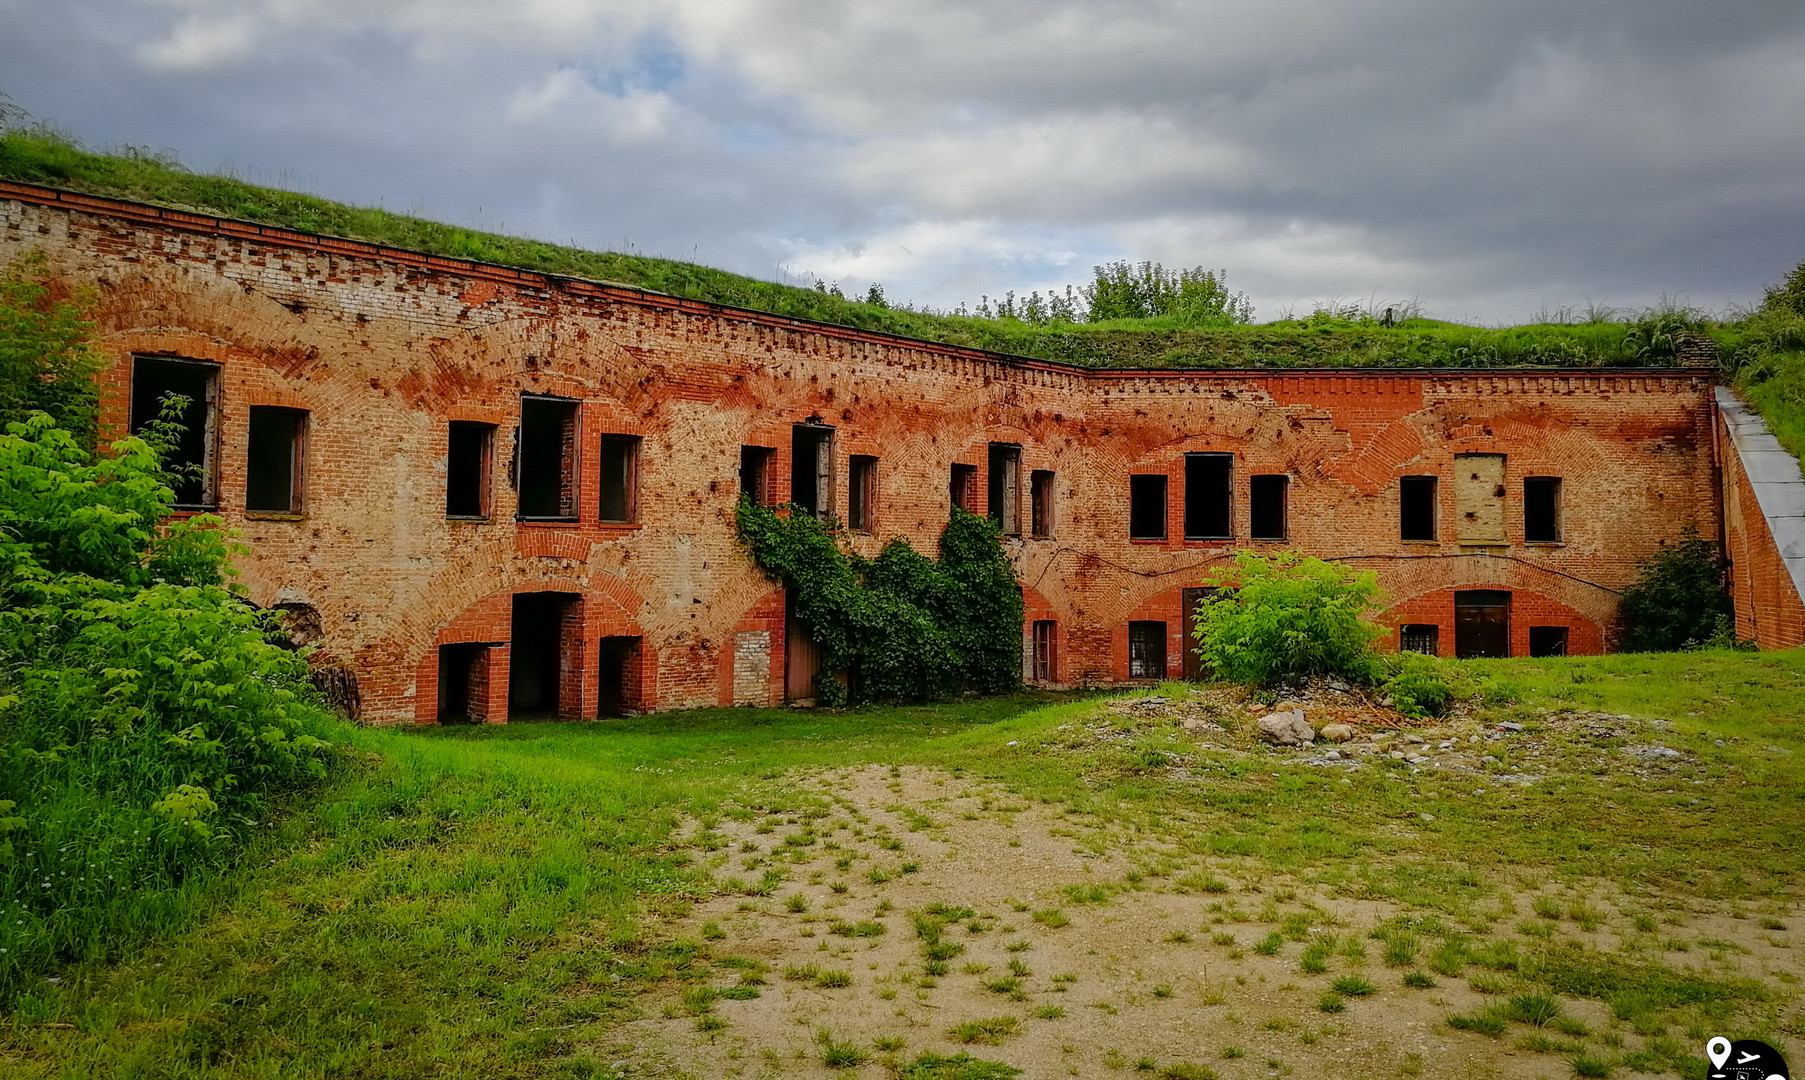 Руины фортов Брестской крепости, Брест